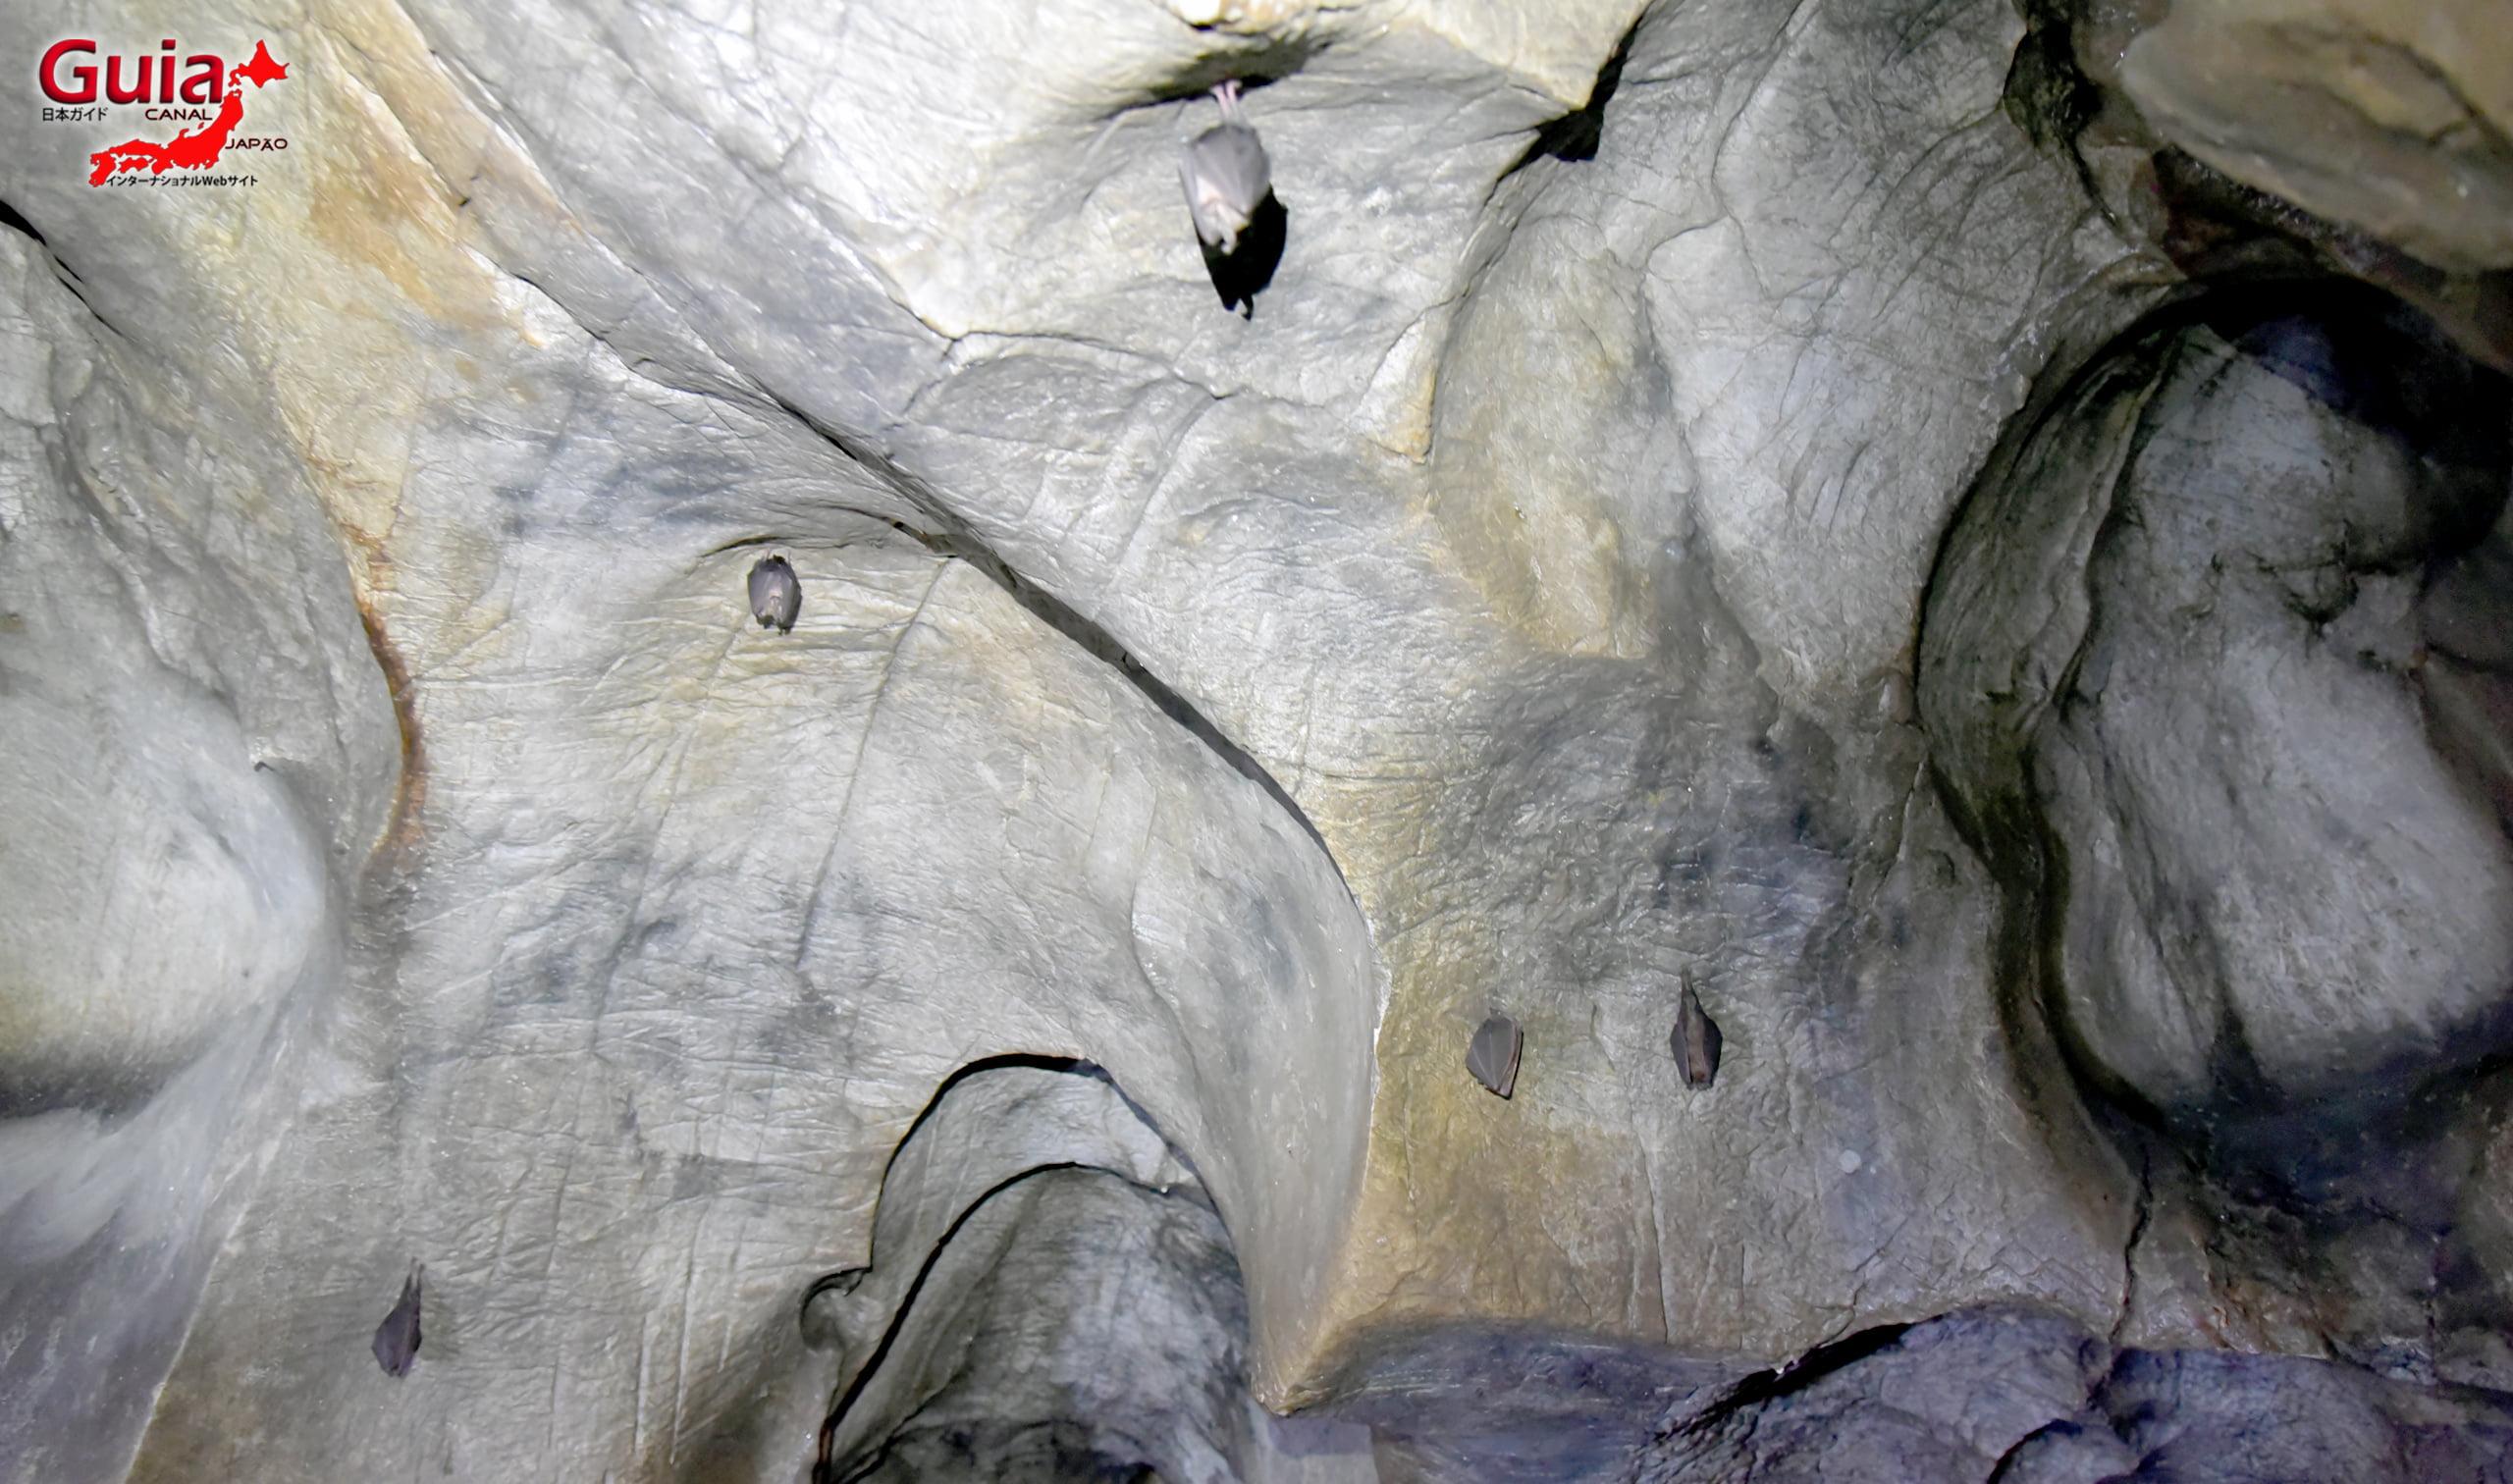 Caverna Suse Jaana 21